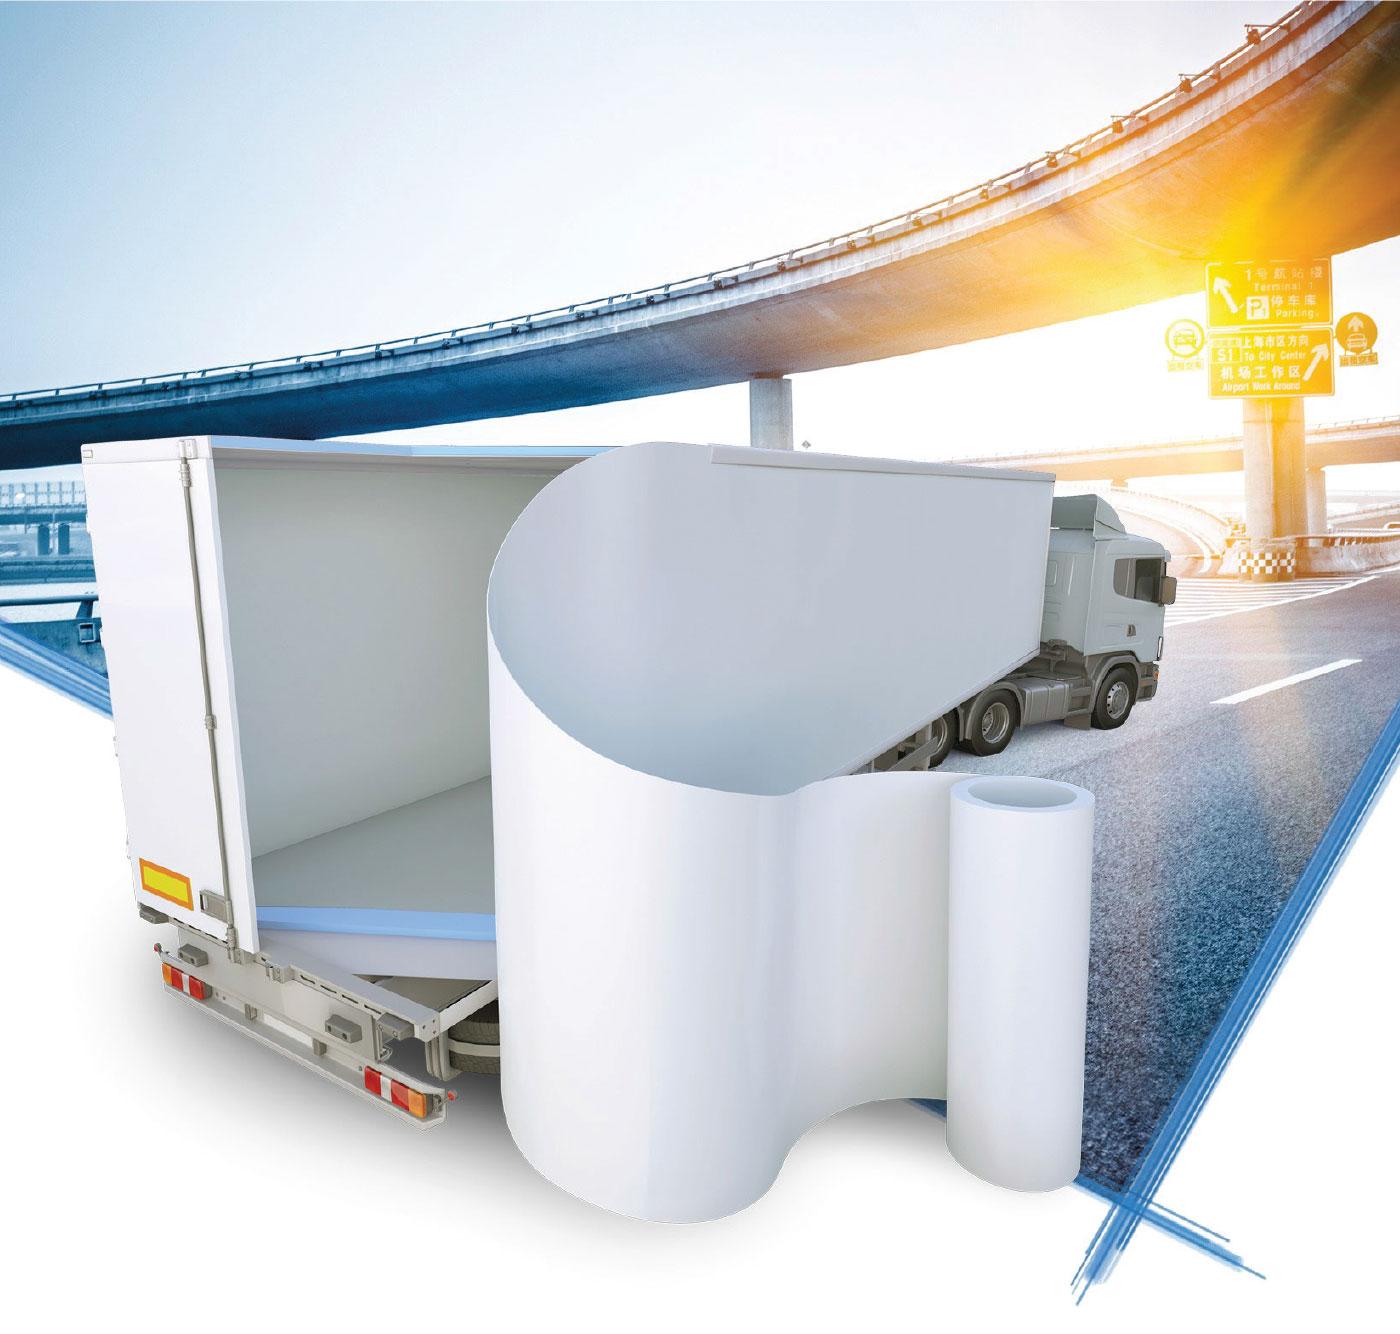 Brianza Plastica Truck insulation products range